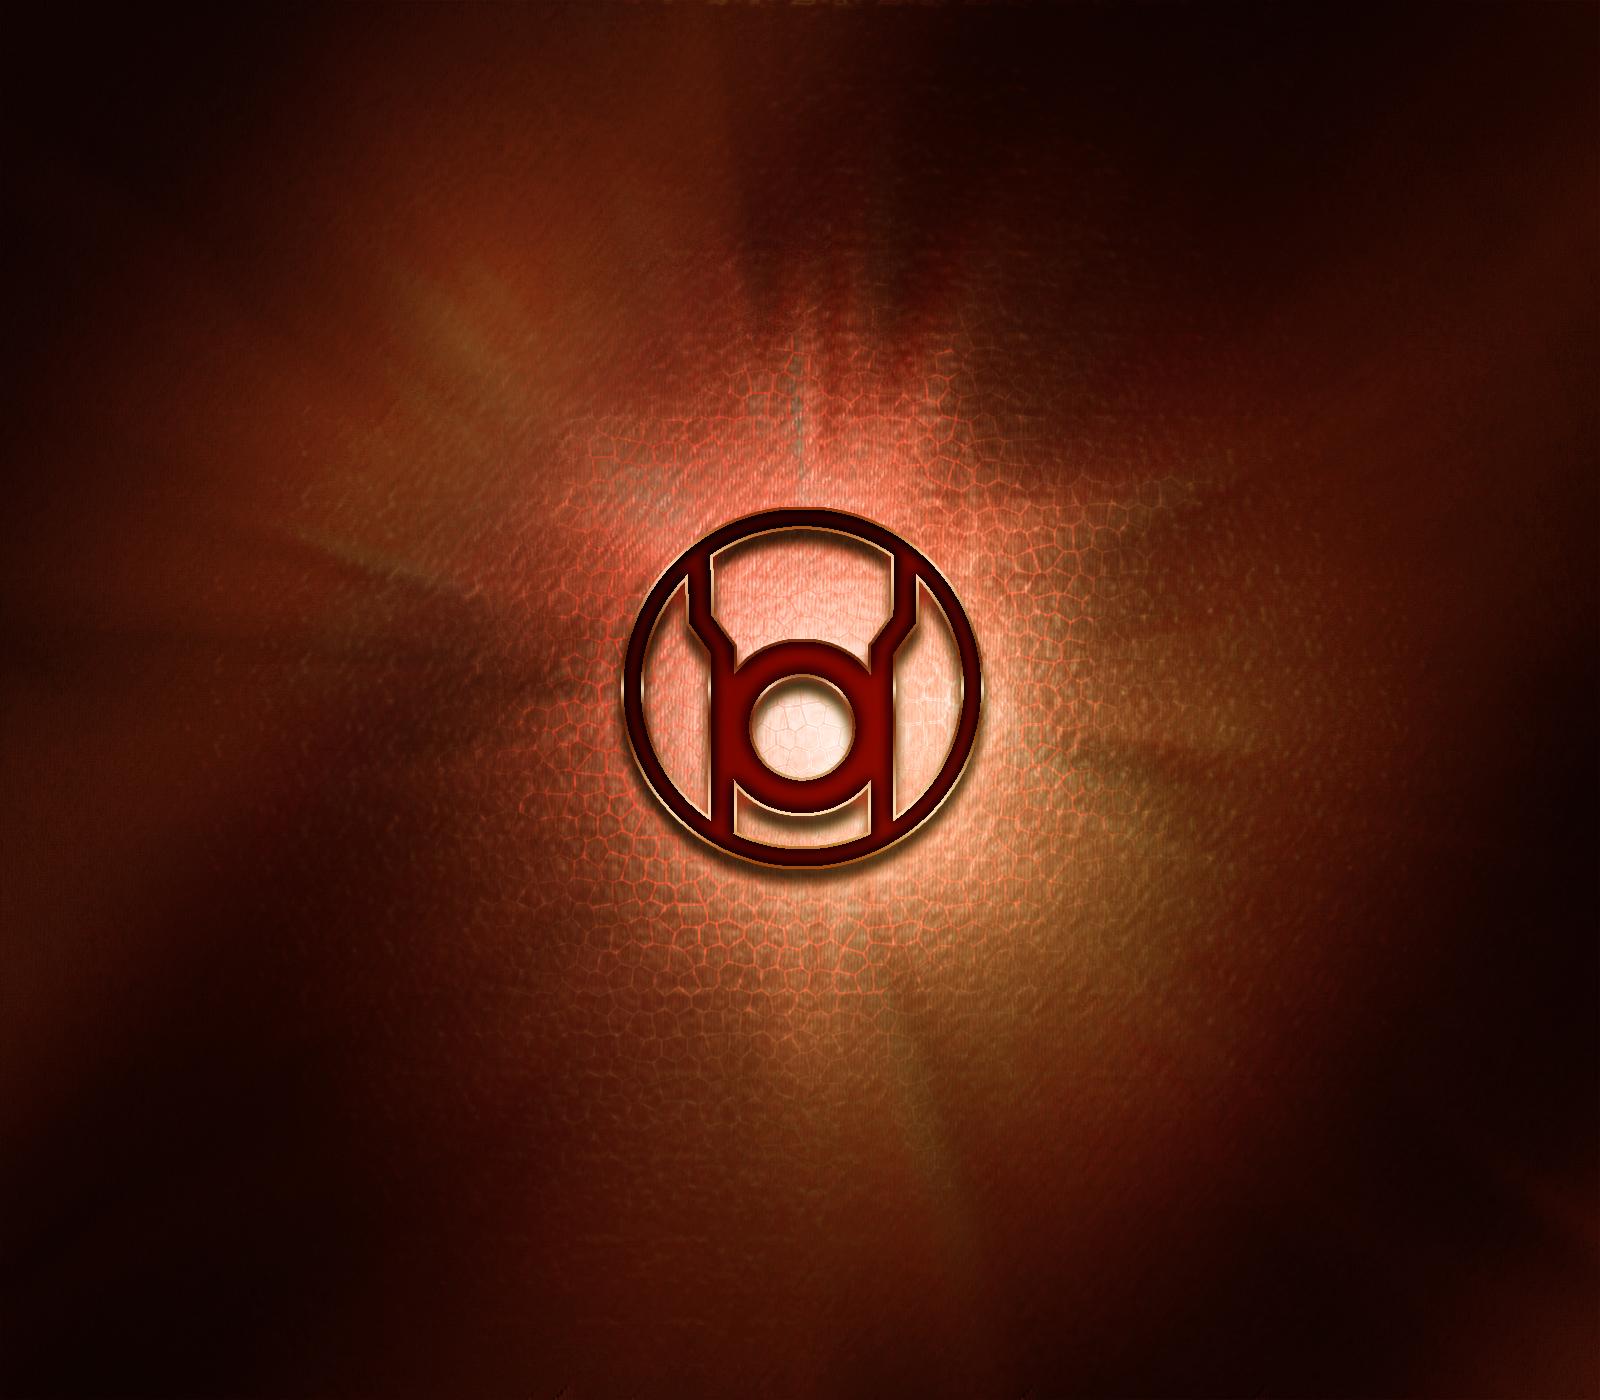 Red lantern logo wallpaper - photo#20